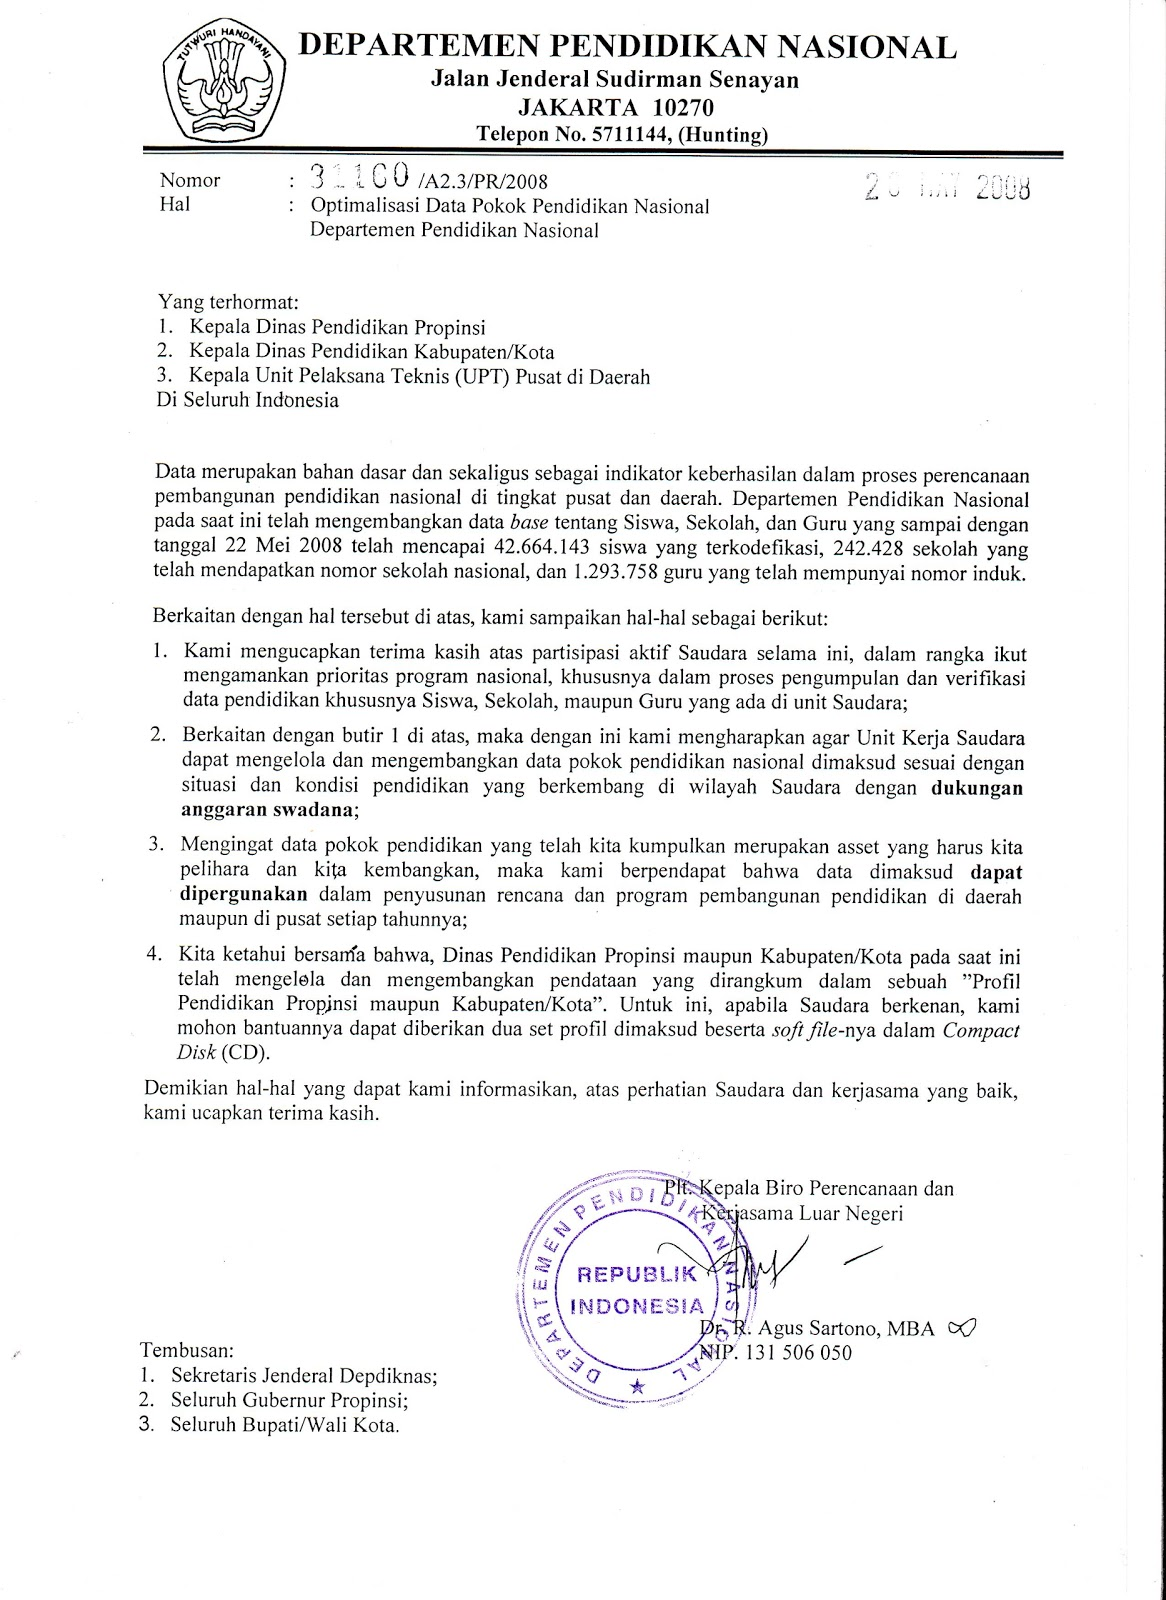 contoh surat dinas resmi terbaru ke 10